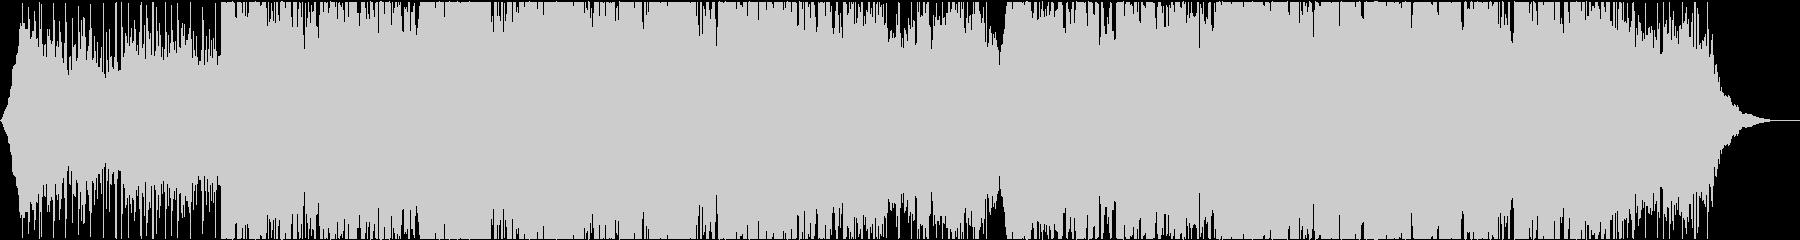 爽やかポップEDM/オーガニック系の未再生の波形